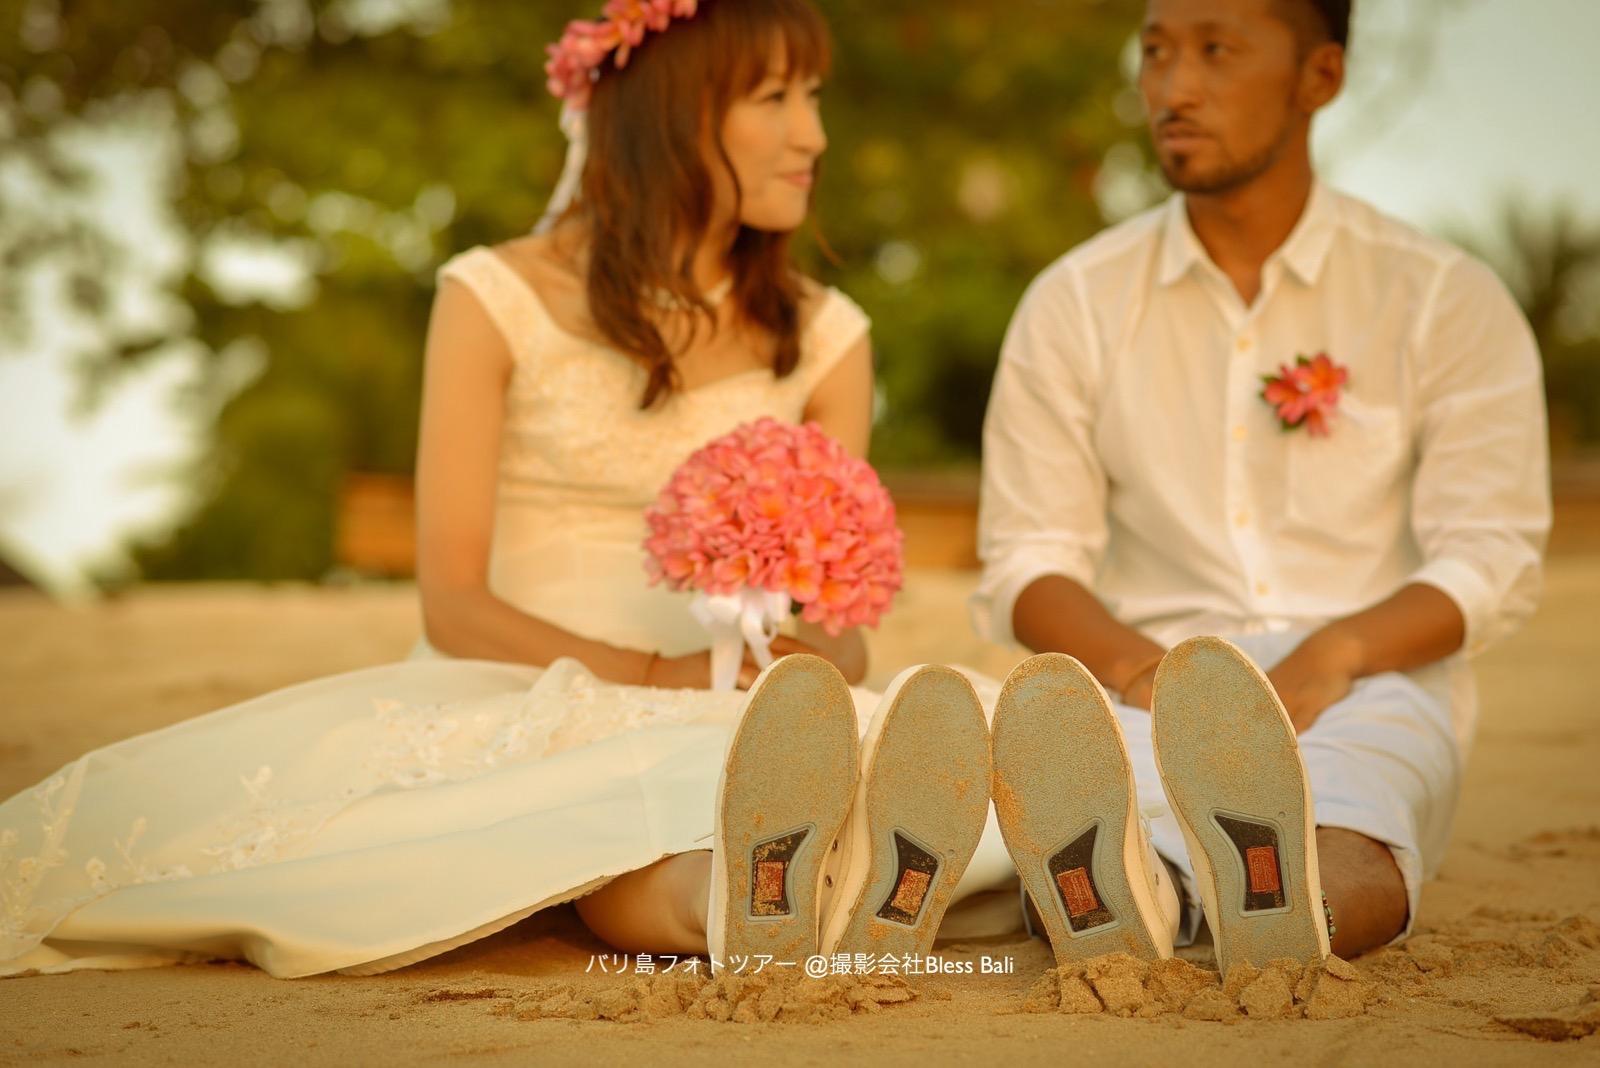 バリ島サンセットフォト お揃いの靴